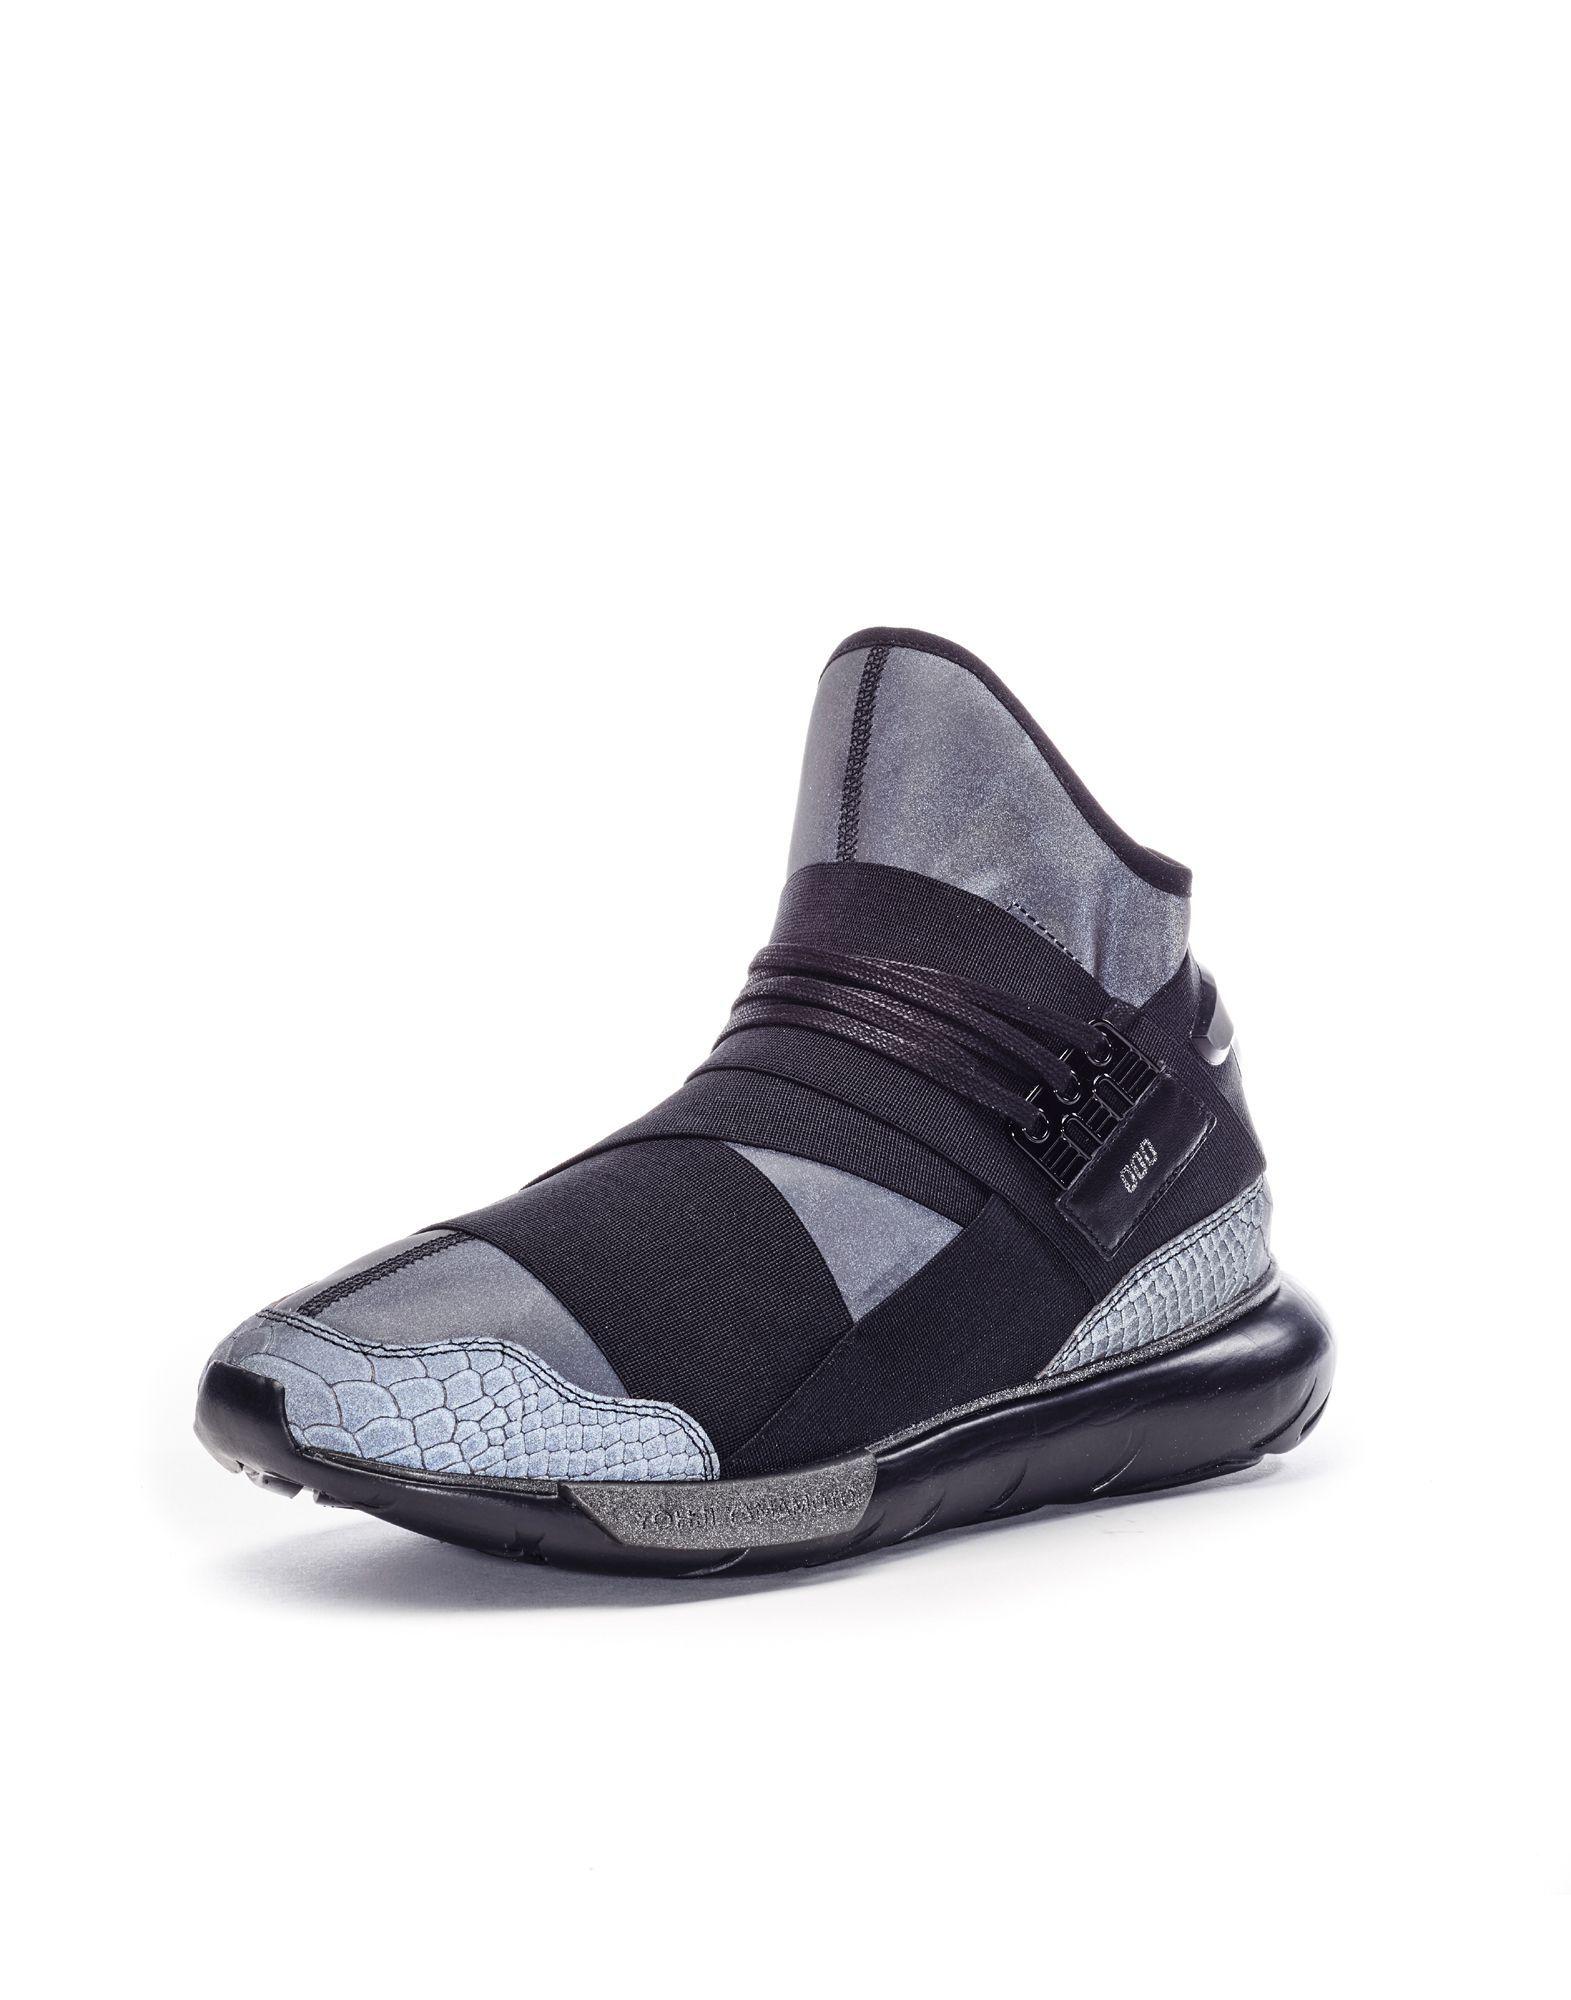 00bcde4561df Y-3 Qasa 300 SCHUHE für Ihn Y-3 adidas   Sneak   Adidas, Sneakers, Shoes